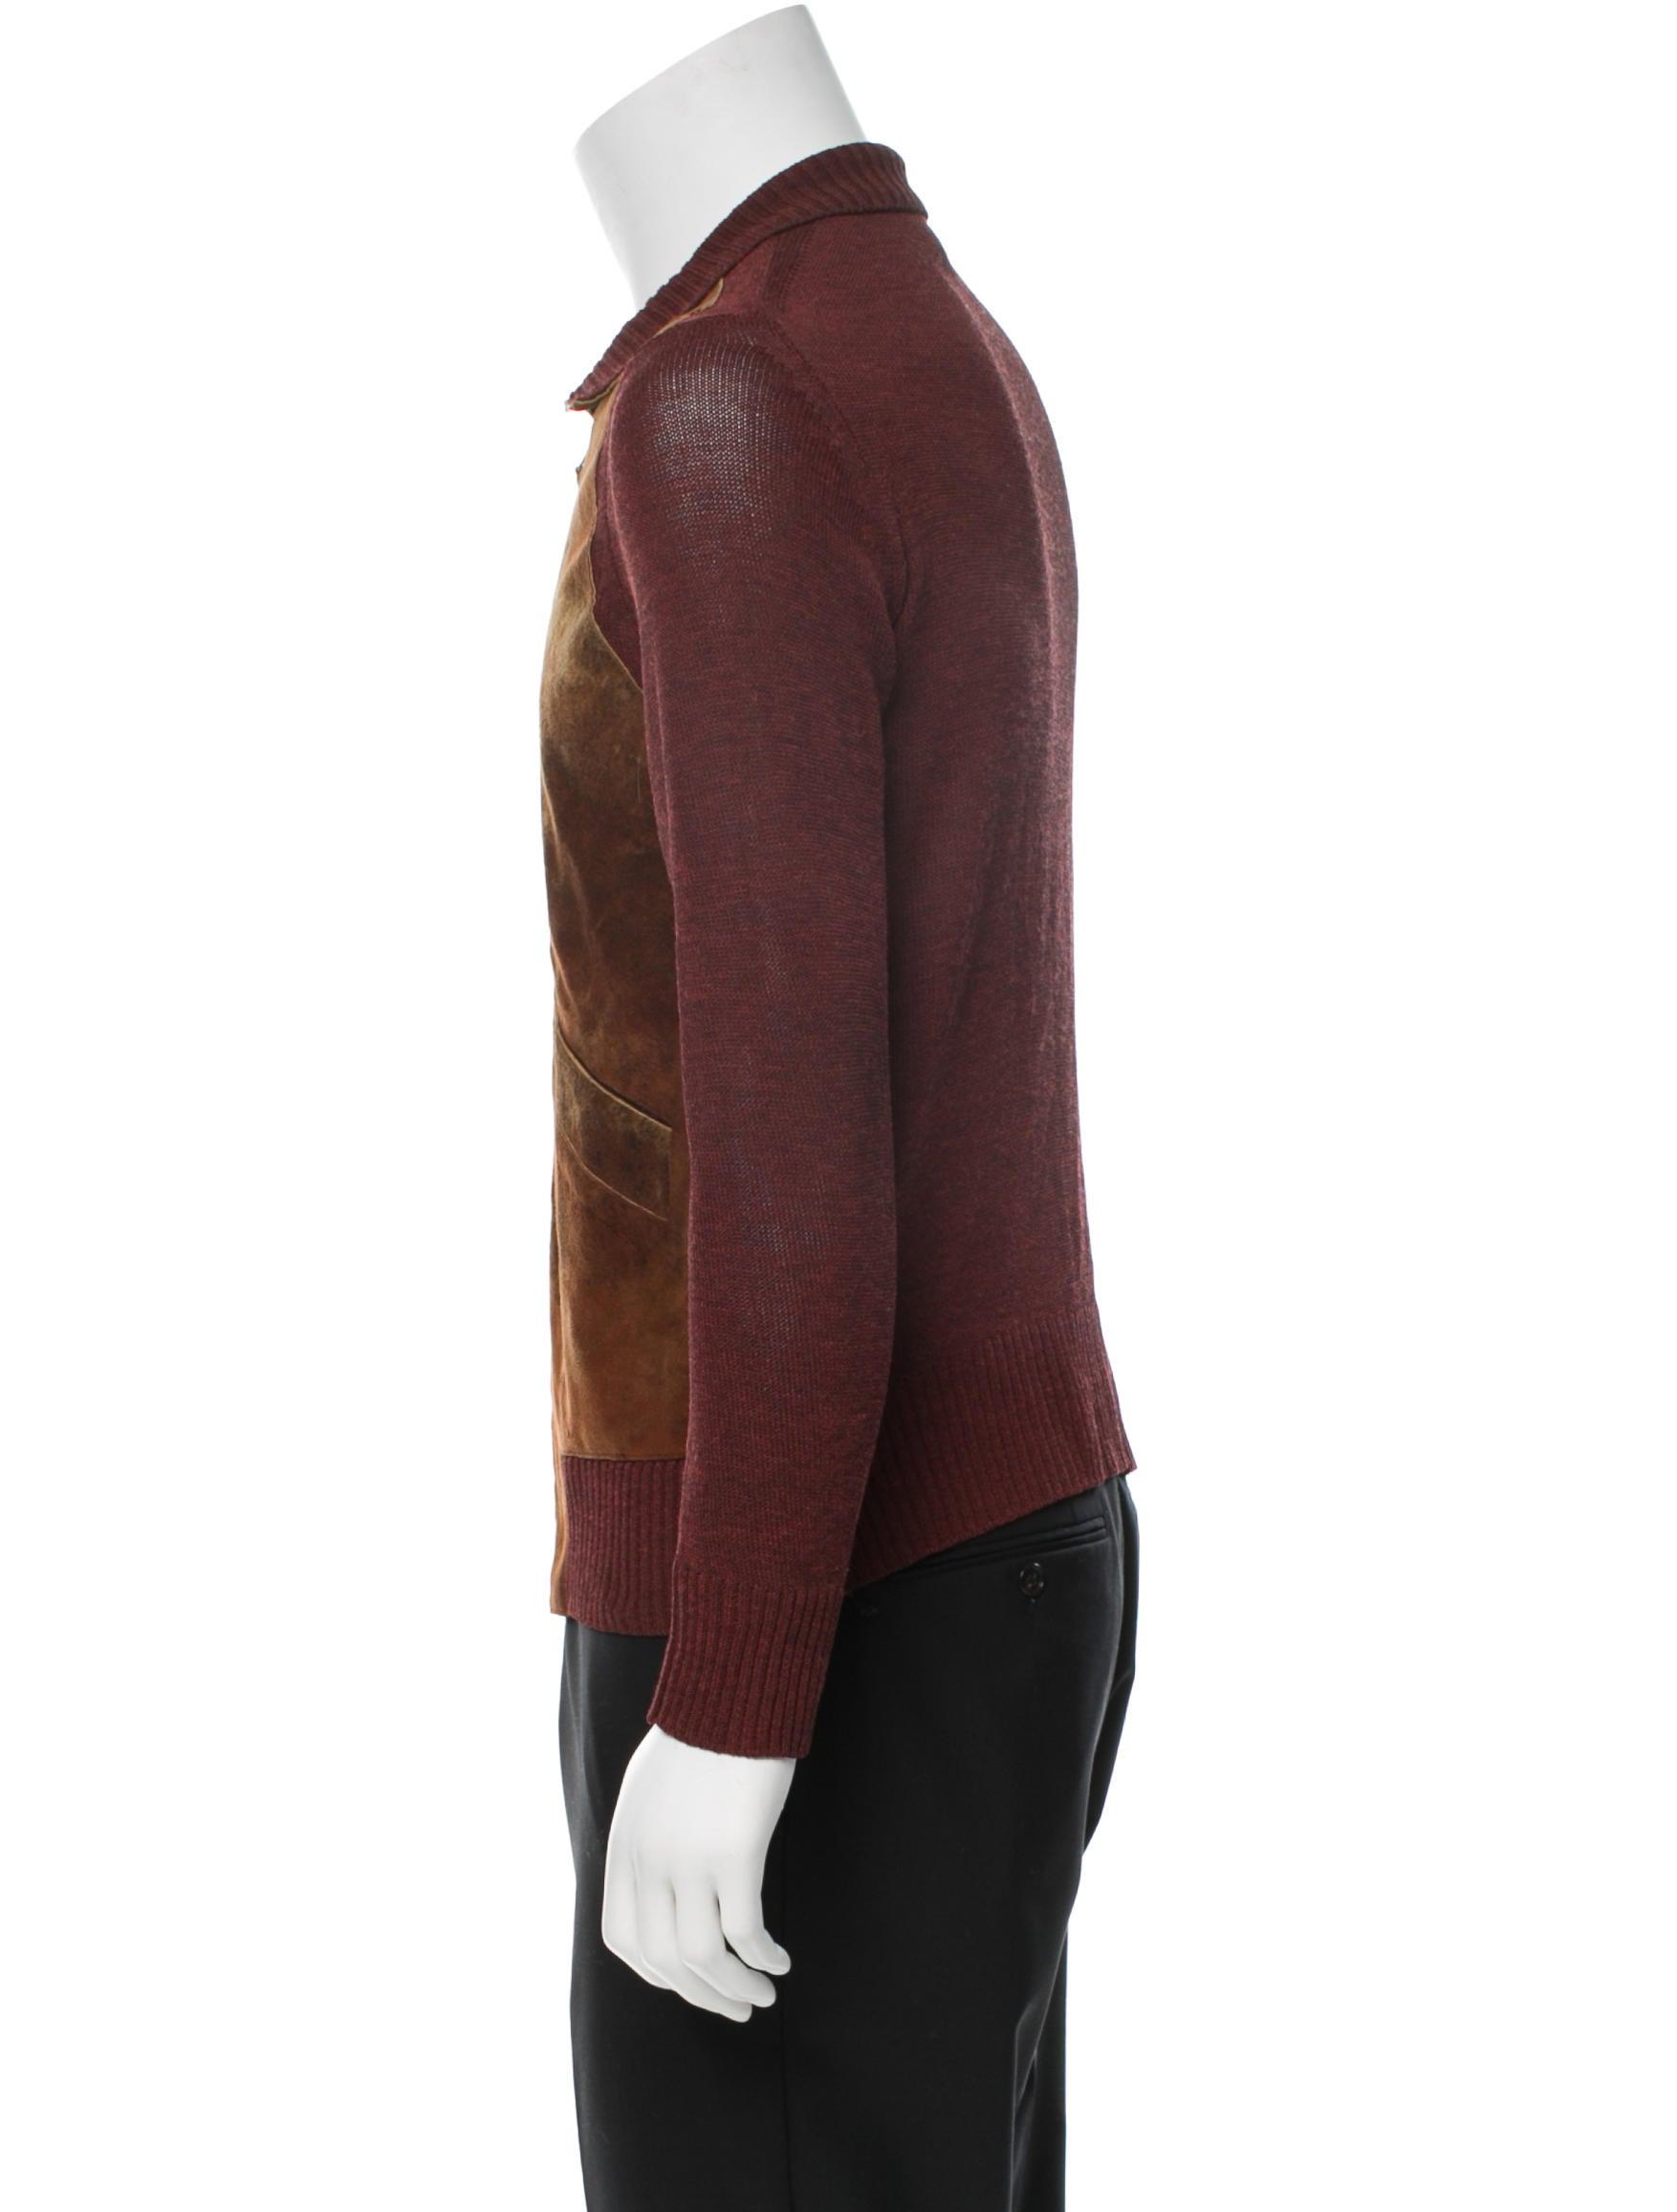 Vivienne Westwood Cardigan Mens 33